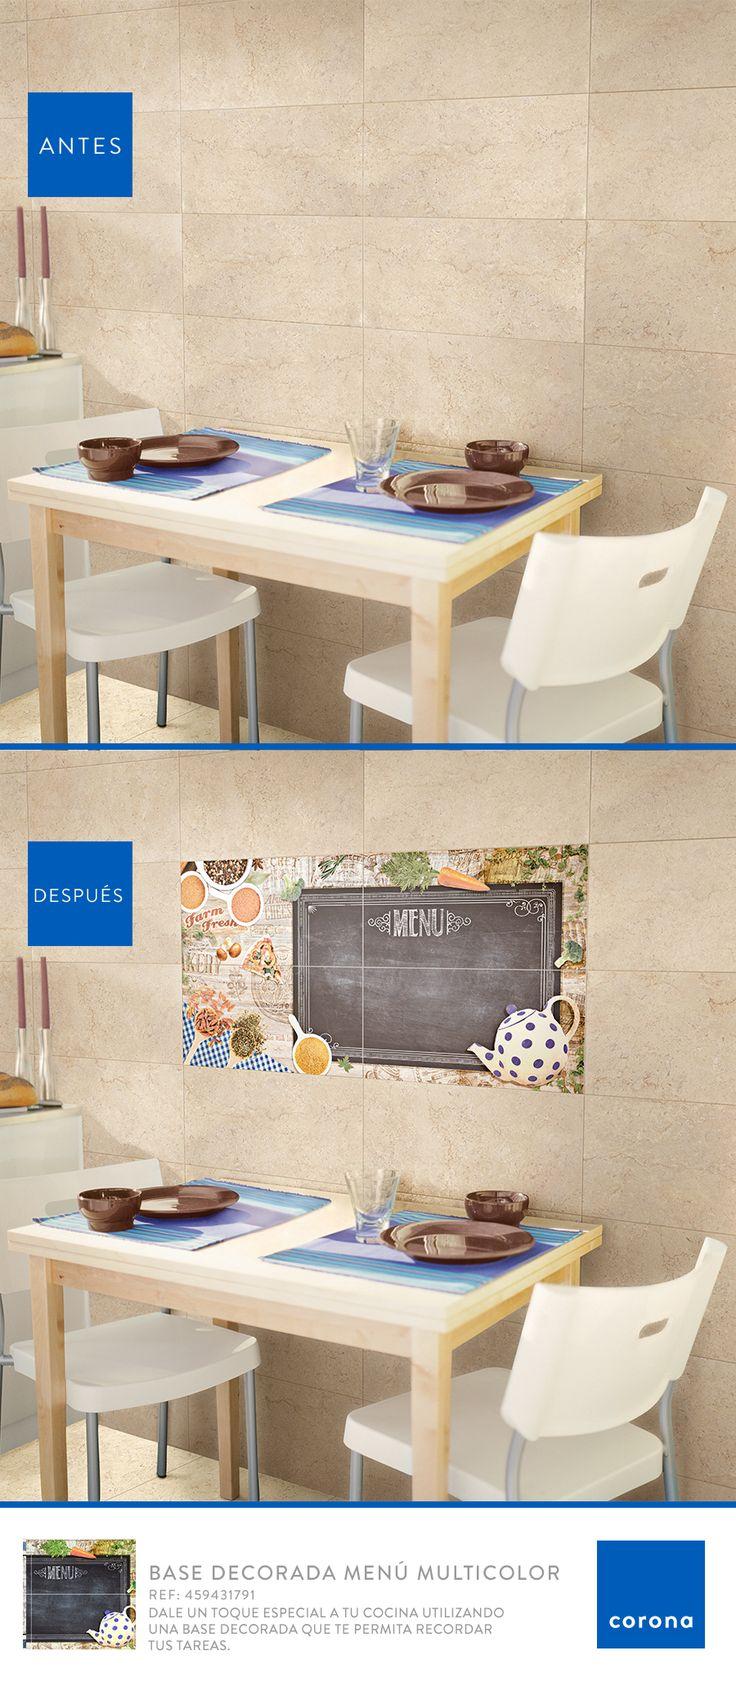 Base decoradora para cocina, perfecta para recordar tareas y pendientes. Pruébala en tu hogar.